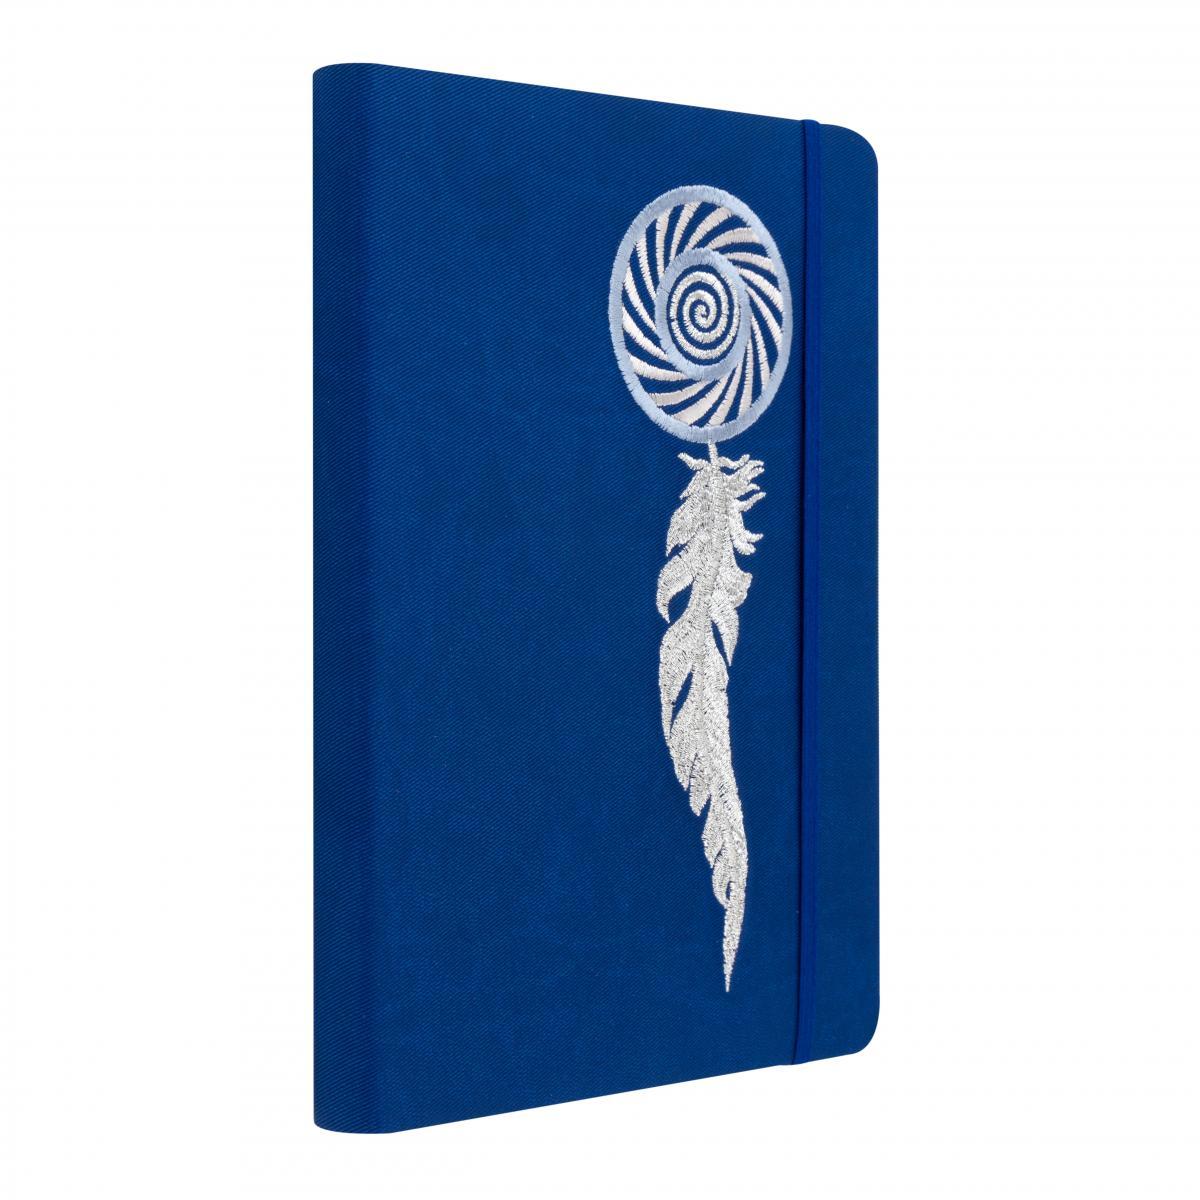 Синій блокнот з вишивкою. Фото №2. | Народний дім Україна